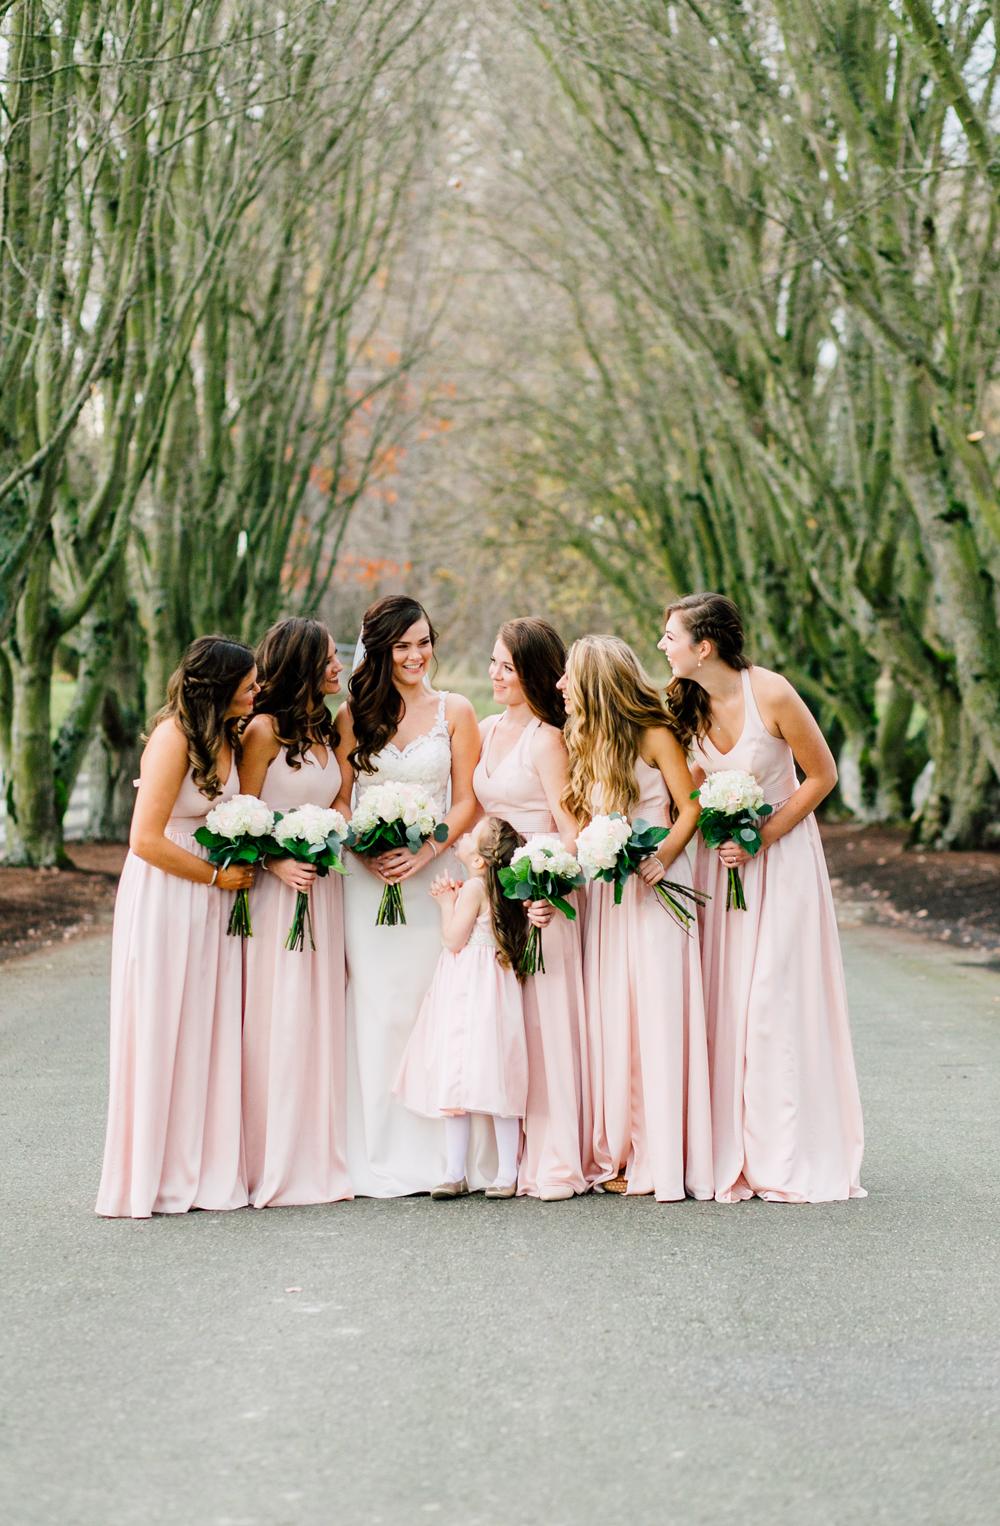 120-maplehurst-farm-wedding-photographer-katheryn-moran-koogle.jpg